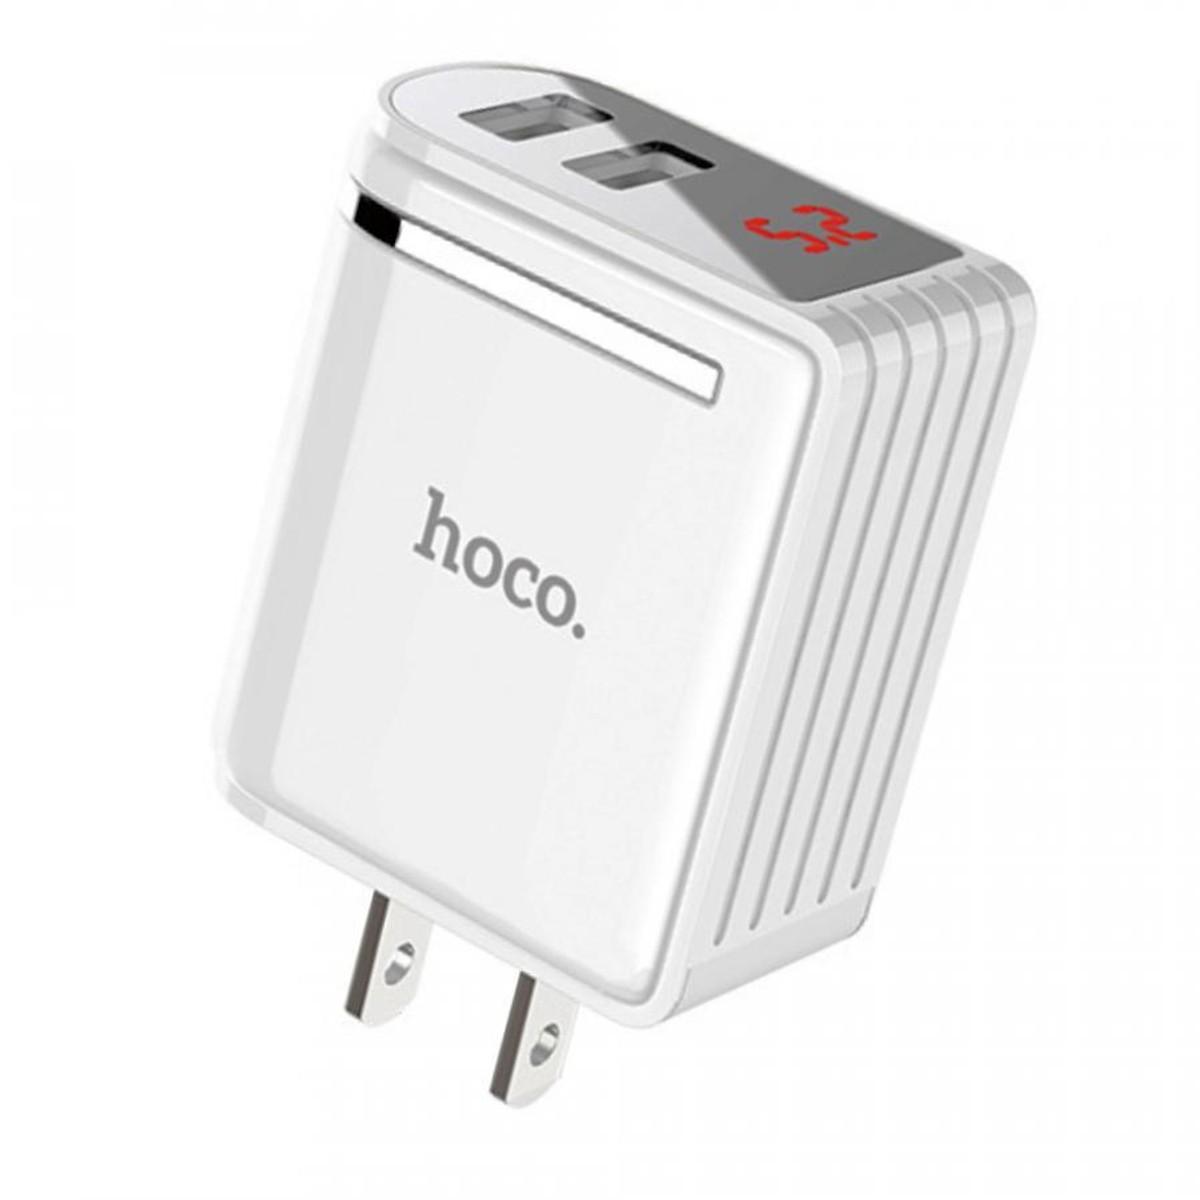 Củ Sạc Điện Thoại Hoco C39 + Tặng kèm 01 Cáp Sạc Điện Thoại IPhone - HÀng Chính Hãng